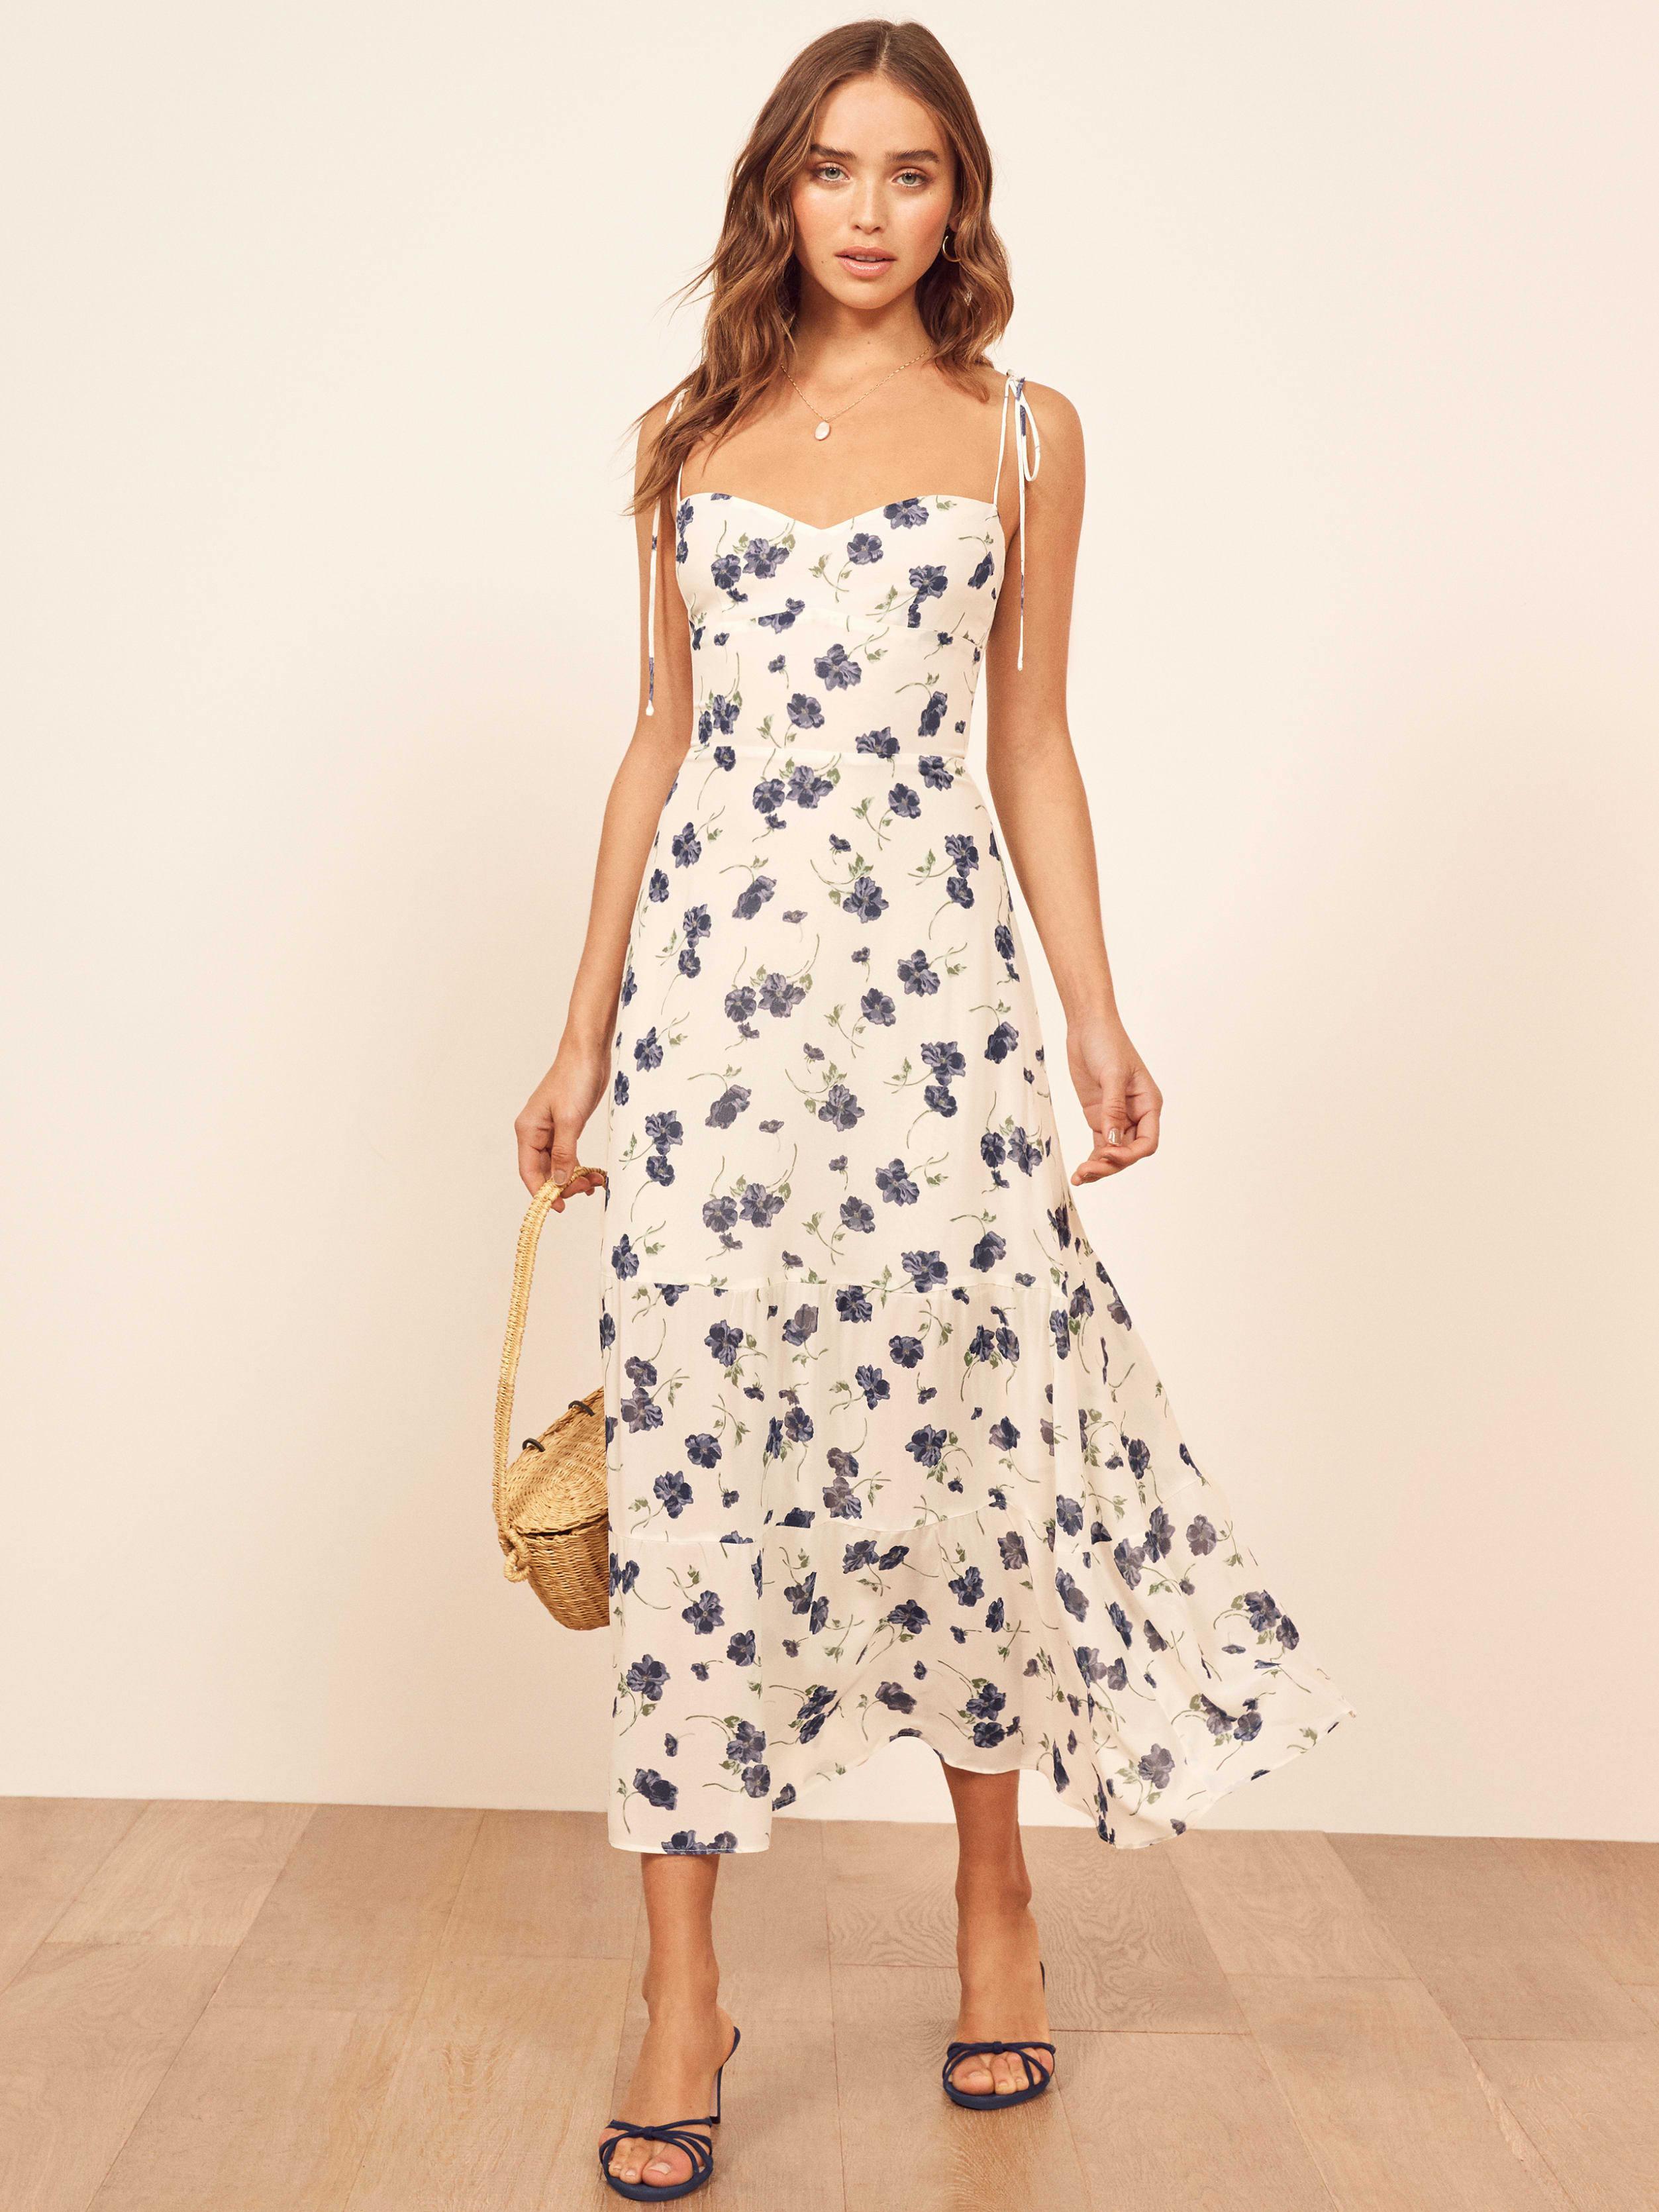 4364b0d324 Petites - Shop Women s Petites Clothing - Reformation